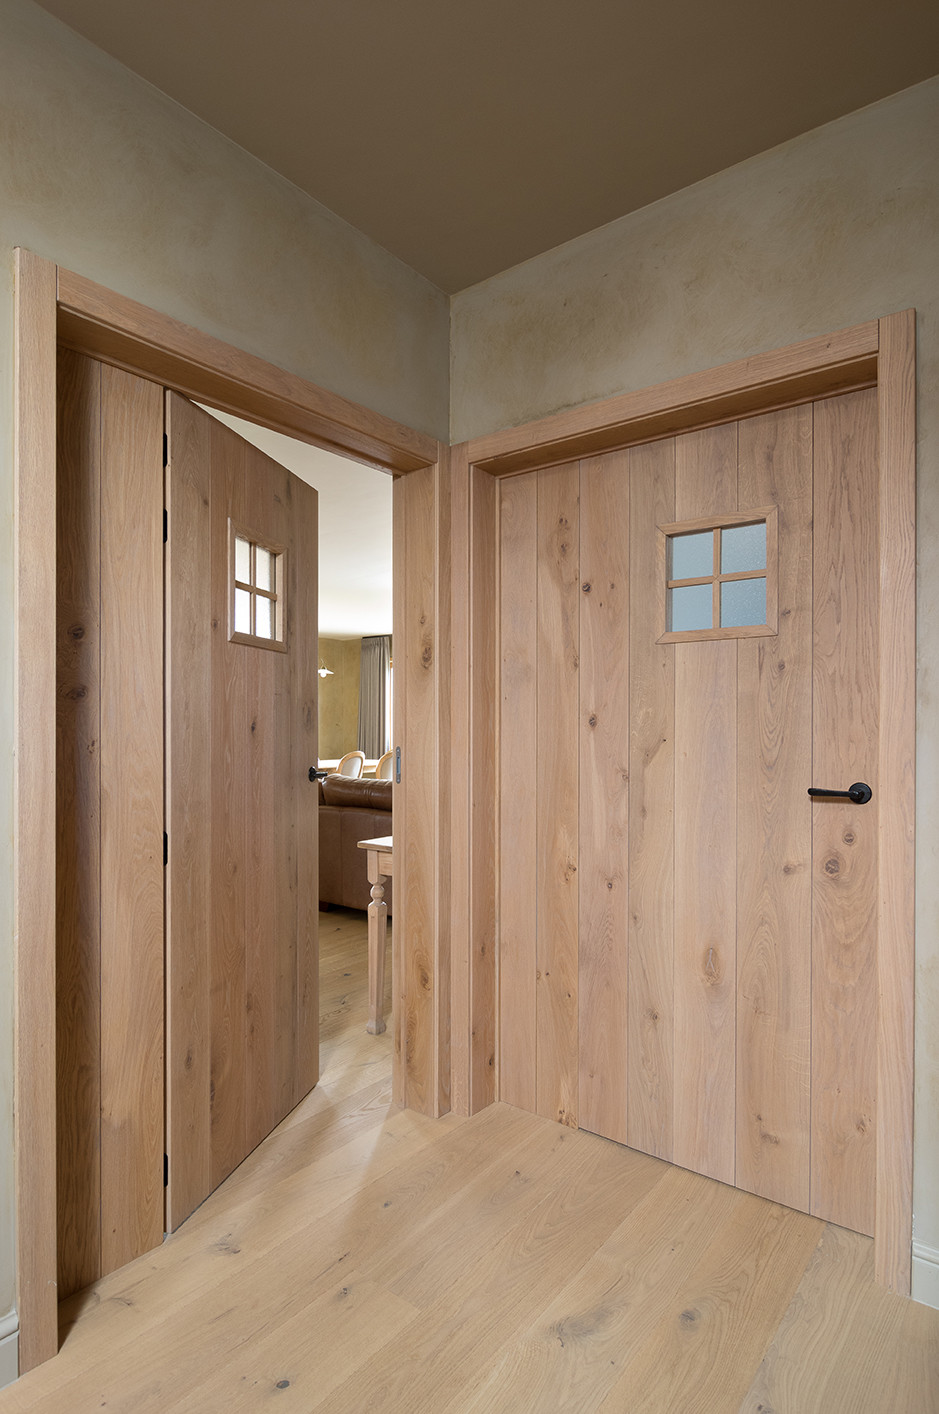 Grote houten binnendeuren met ruitje